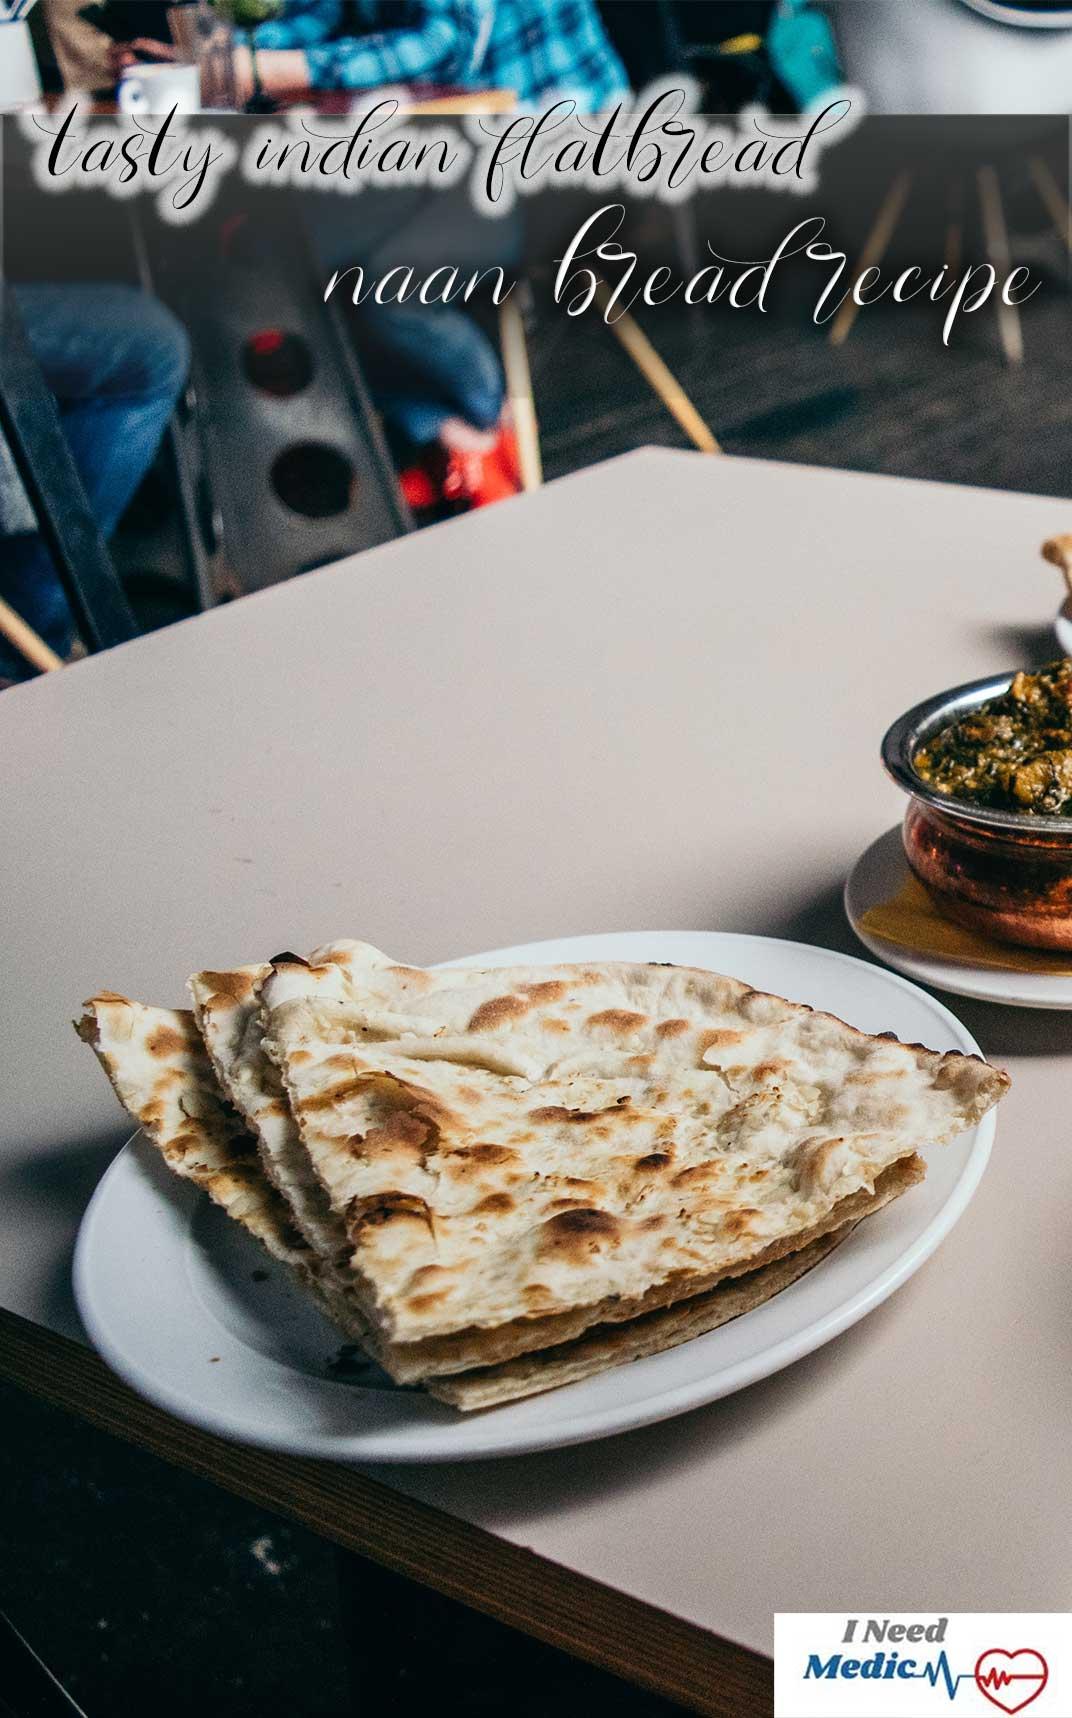 india bread recipe, naan bread